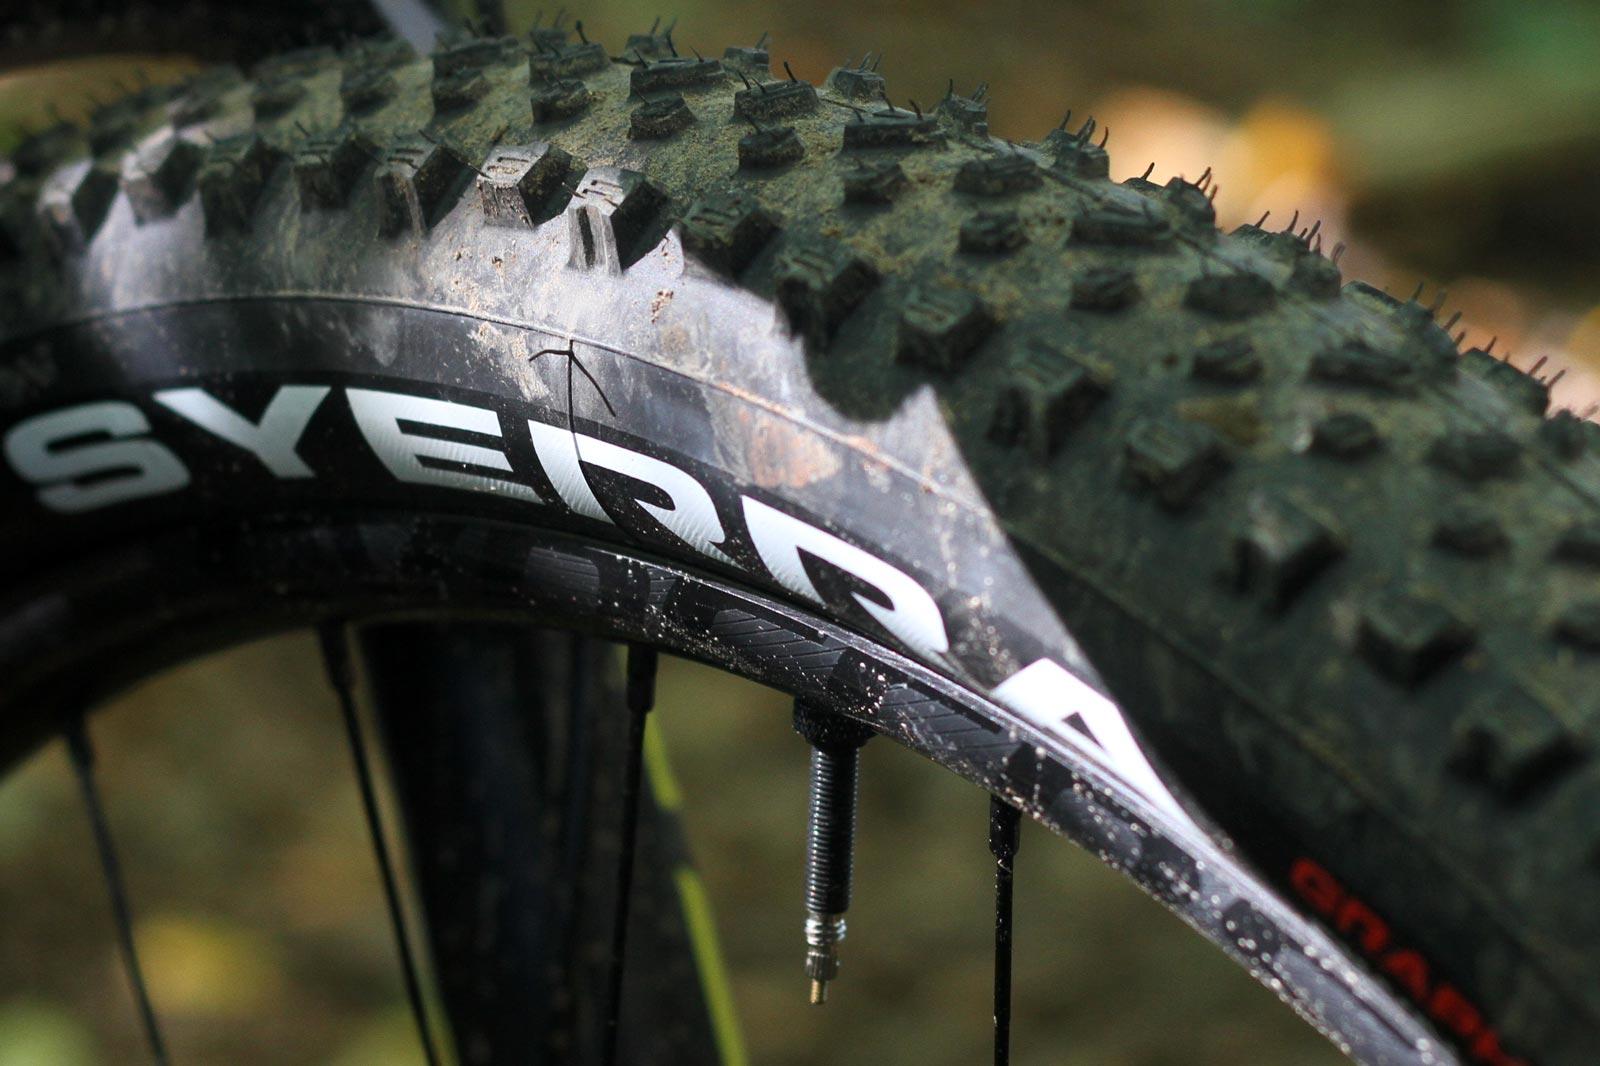 Examen du premier tour: le pneu Vittoria Syerra Downcountry est une bonne mise à niveau pour le XC agressif